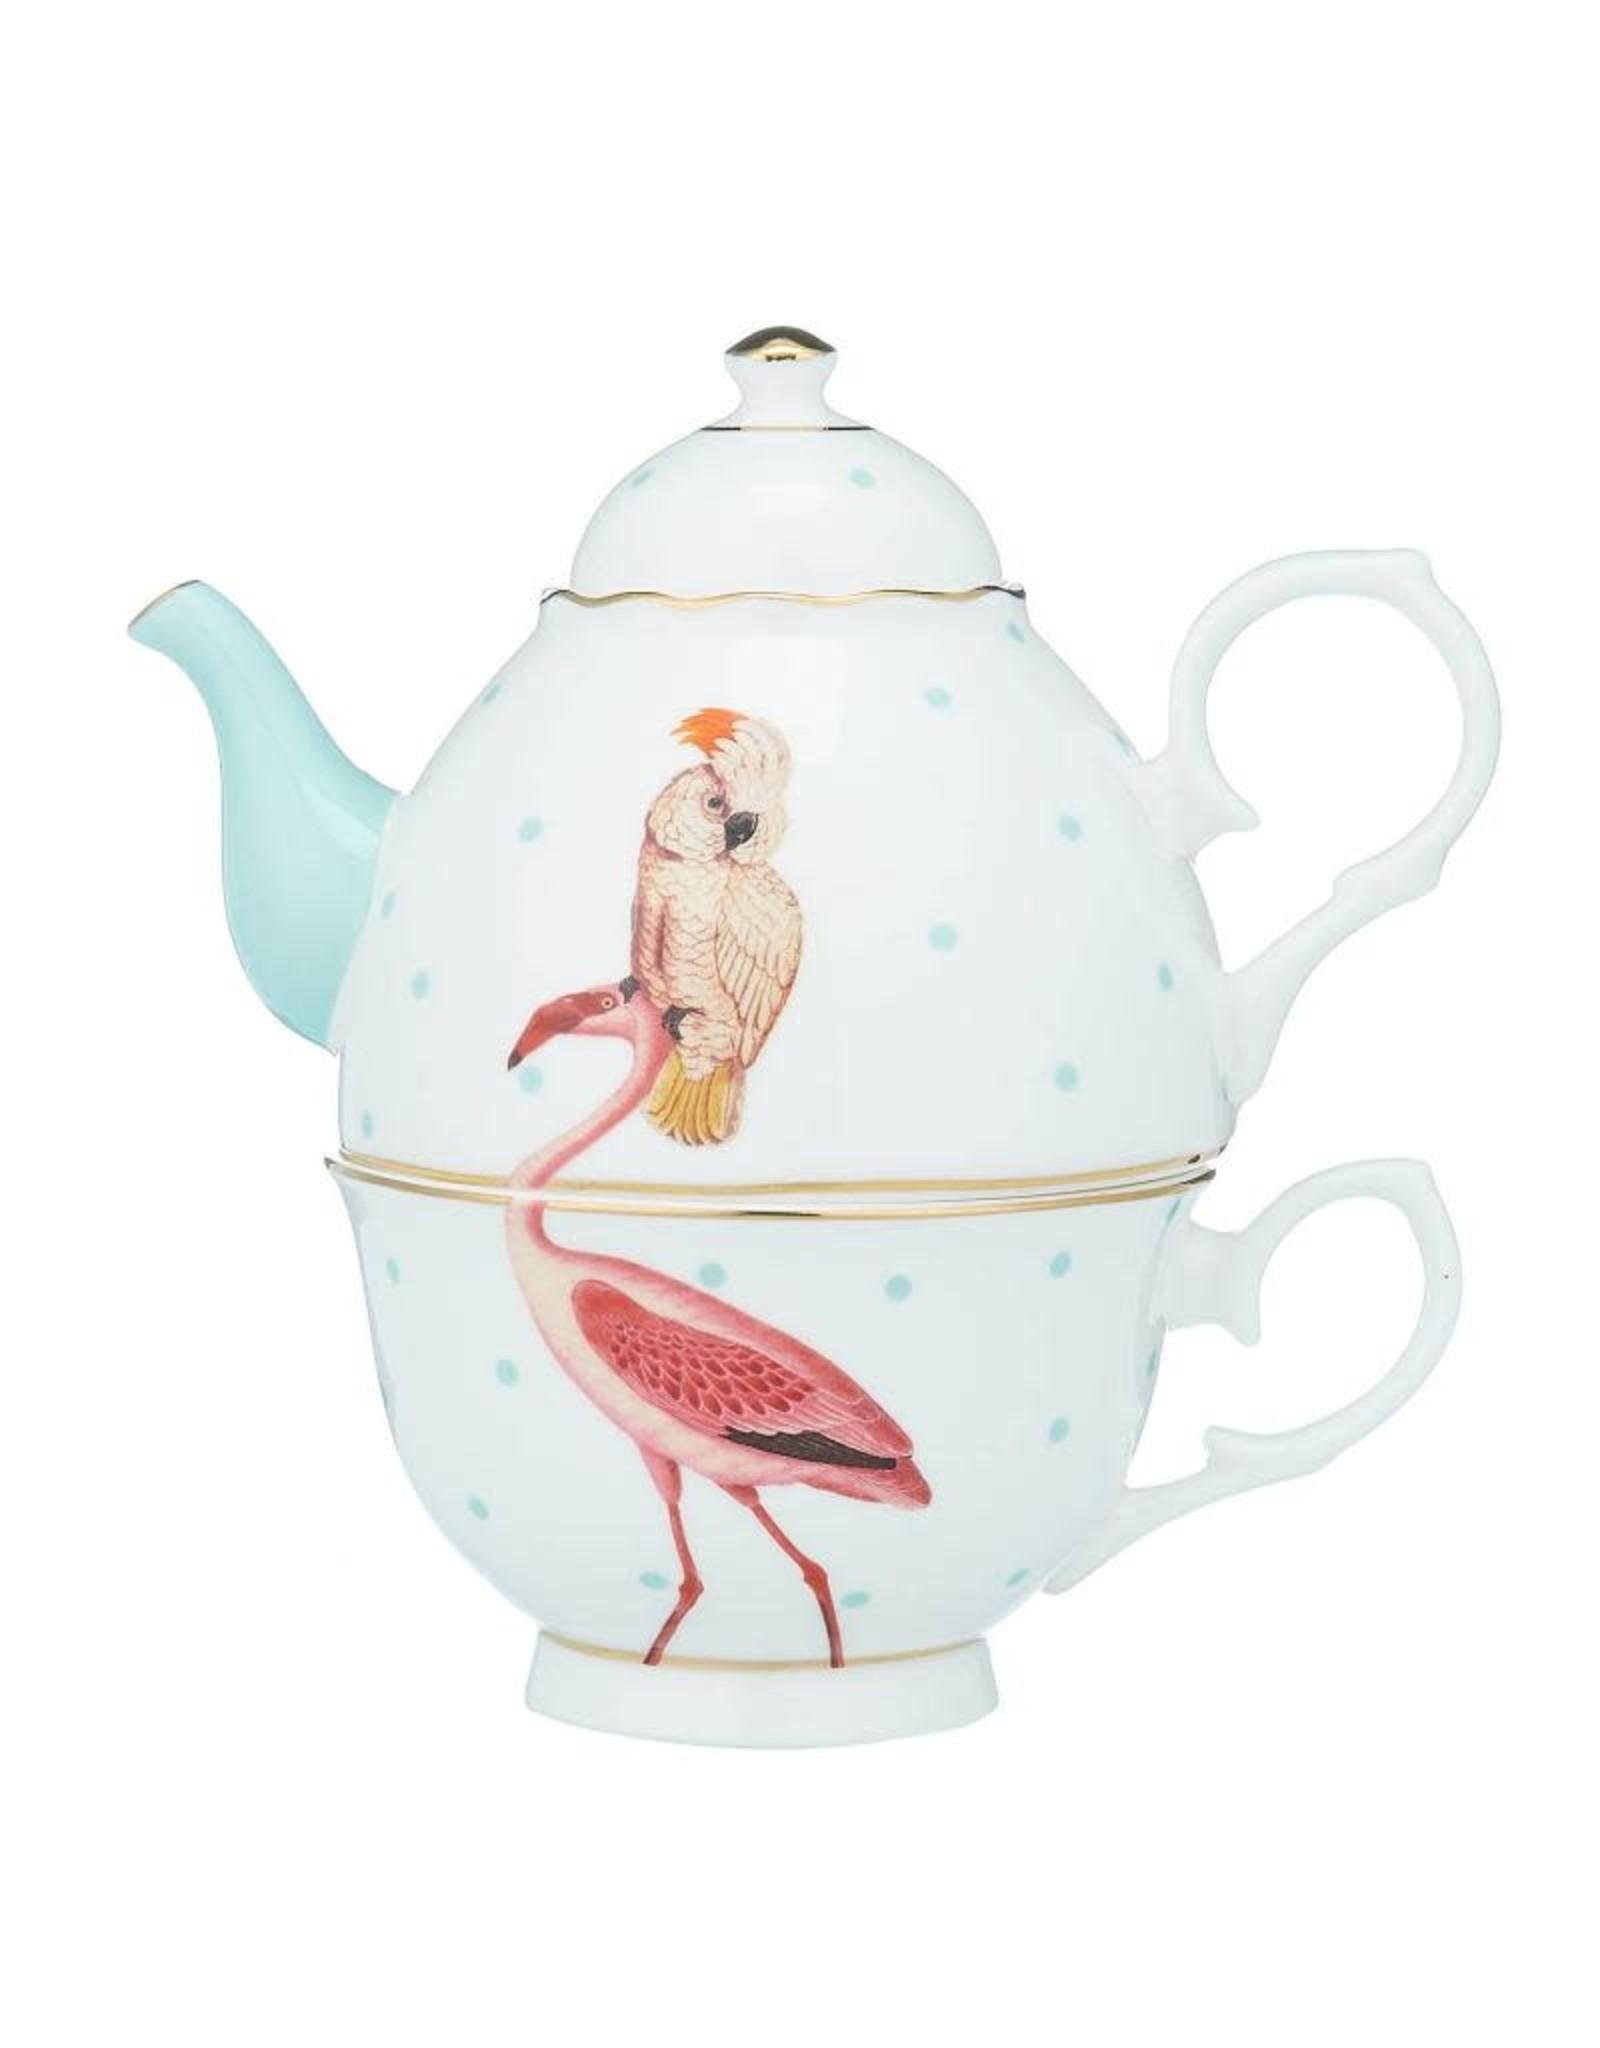 Yvonne Ellen Animals - Tea For One - Flamingo & Parrot